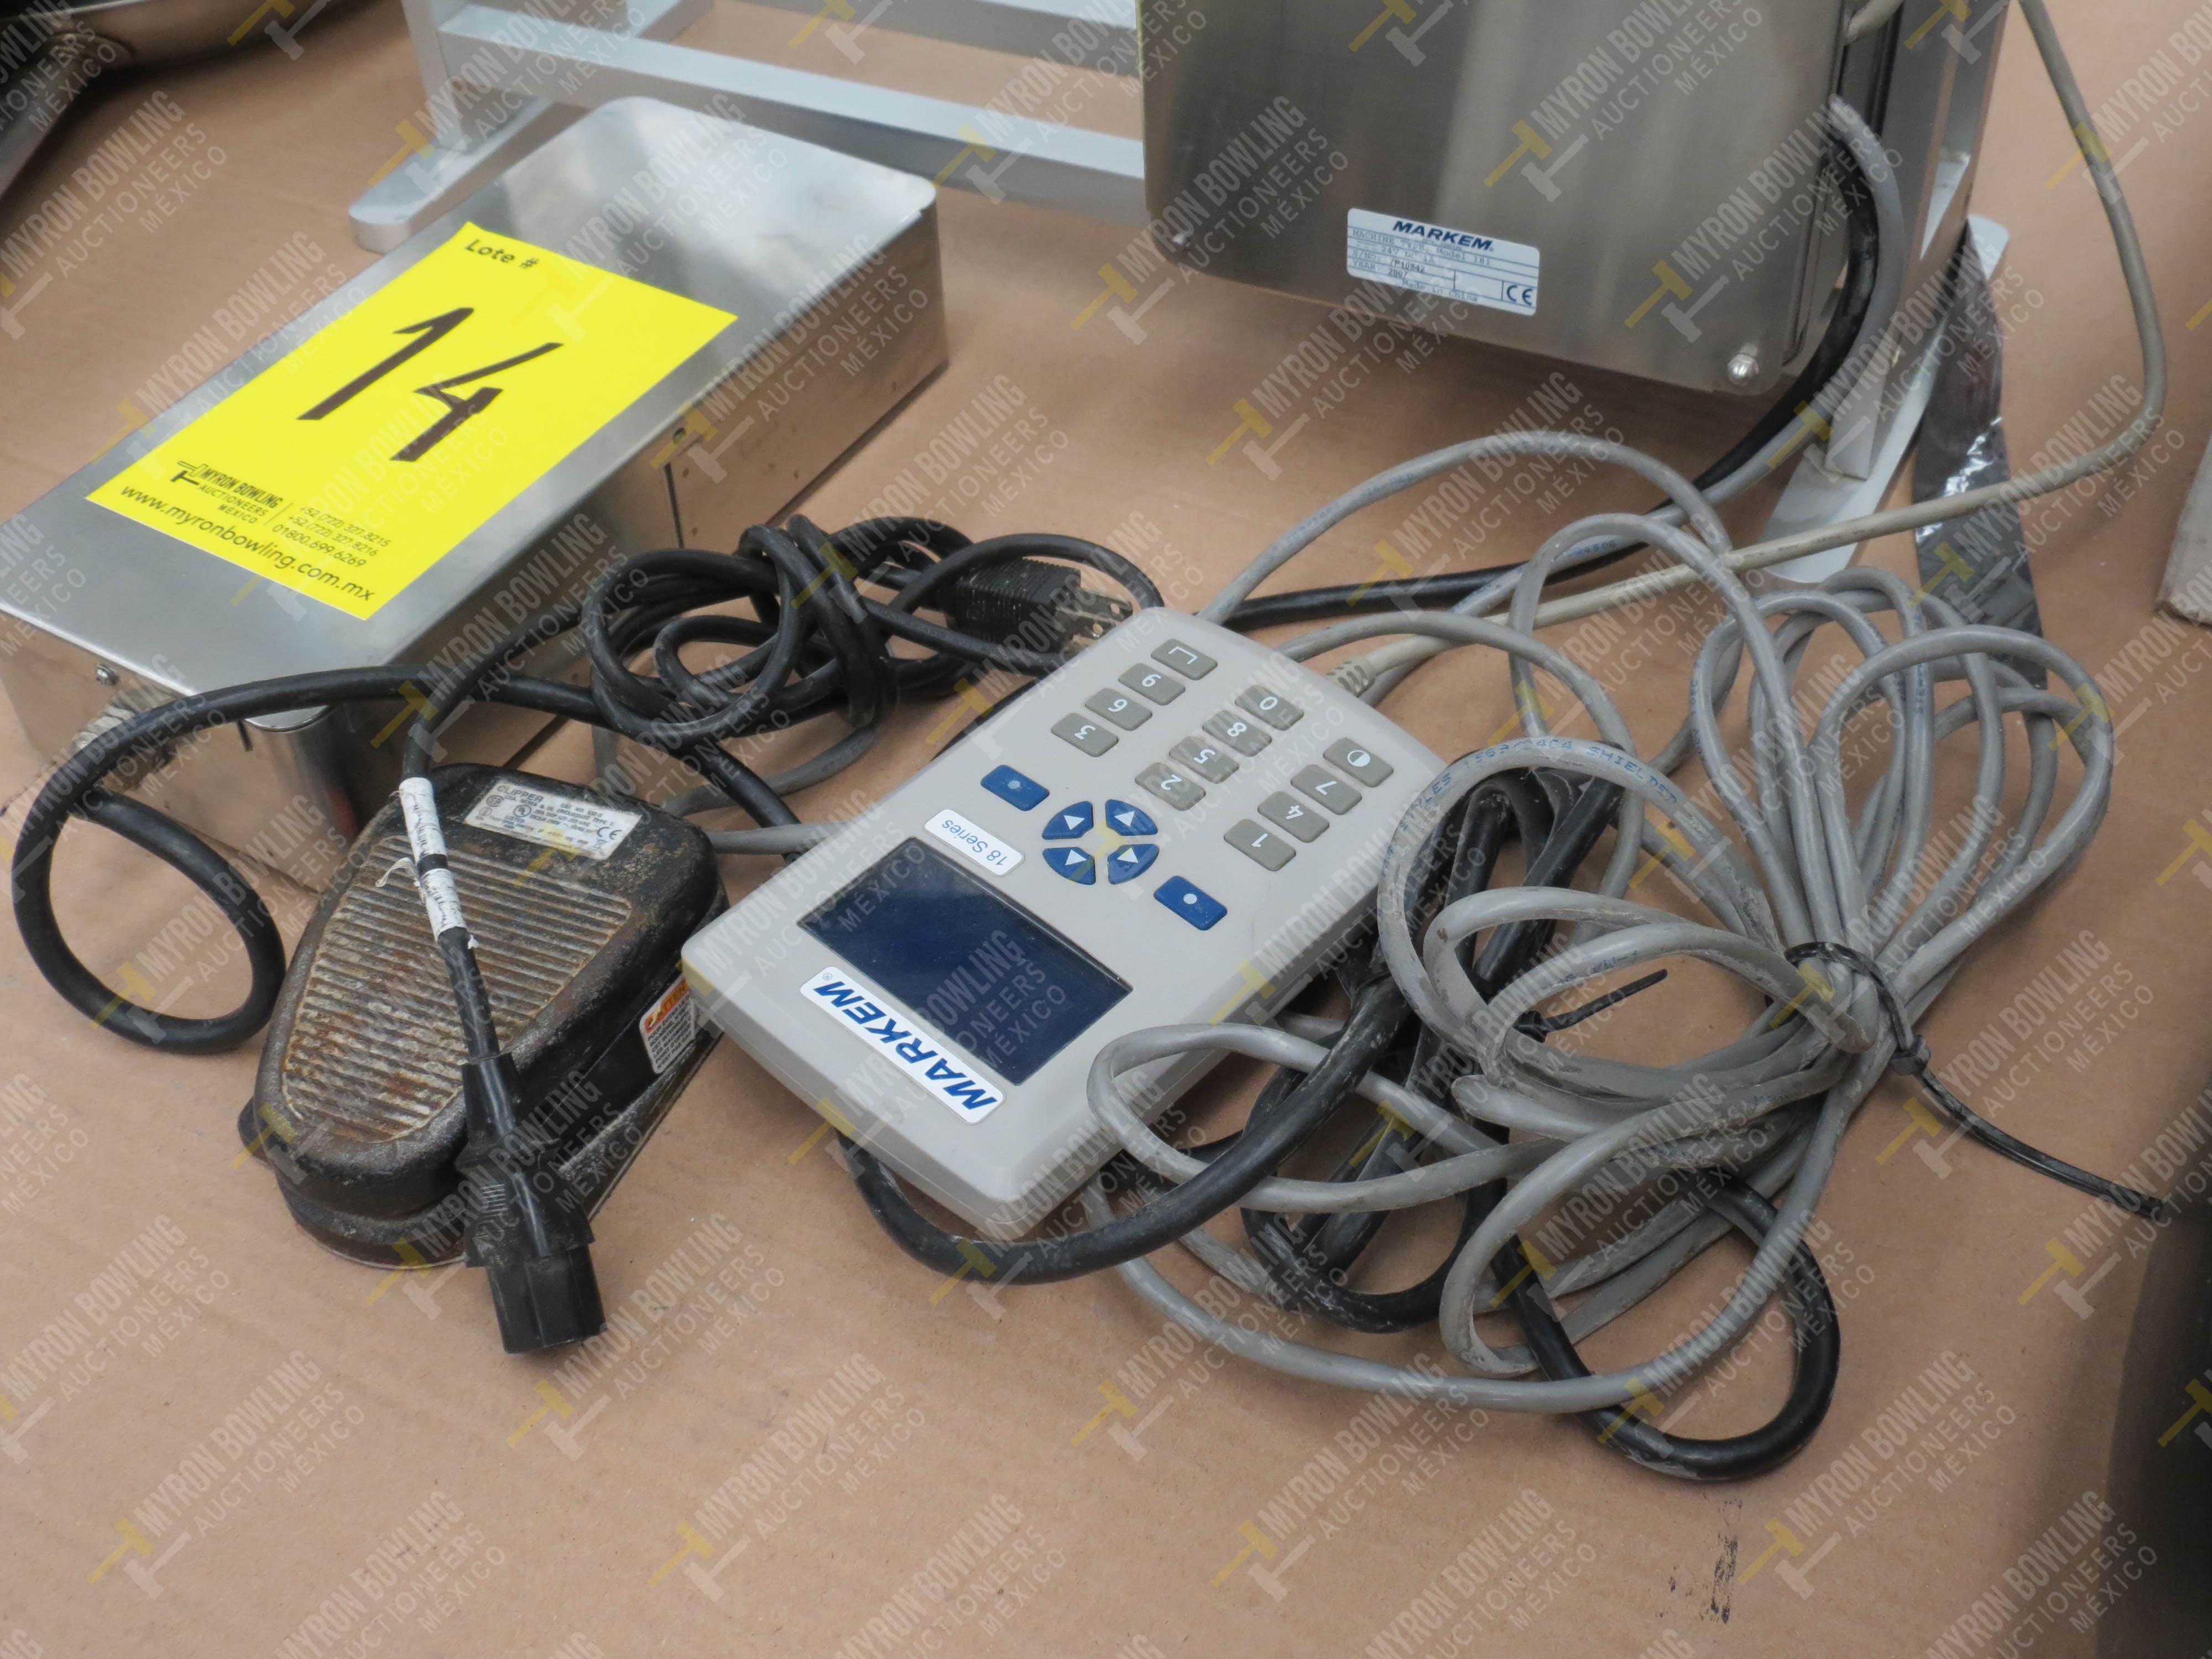 Máquina marcadora digital marca Markem, Modelo 18I, No. de Serie 7P10842, año 2007 - Image 3 of 3